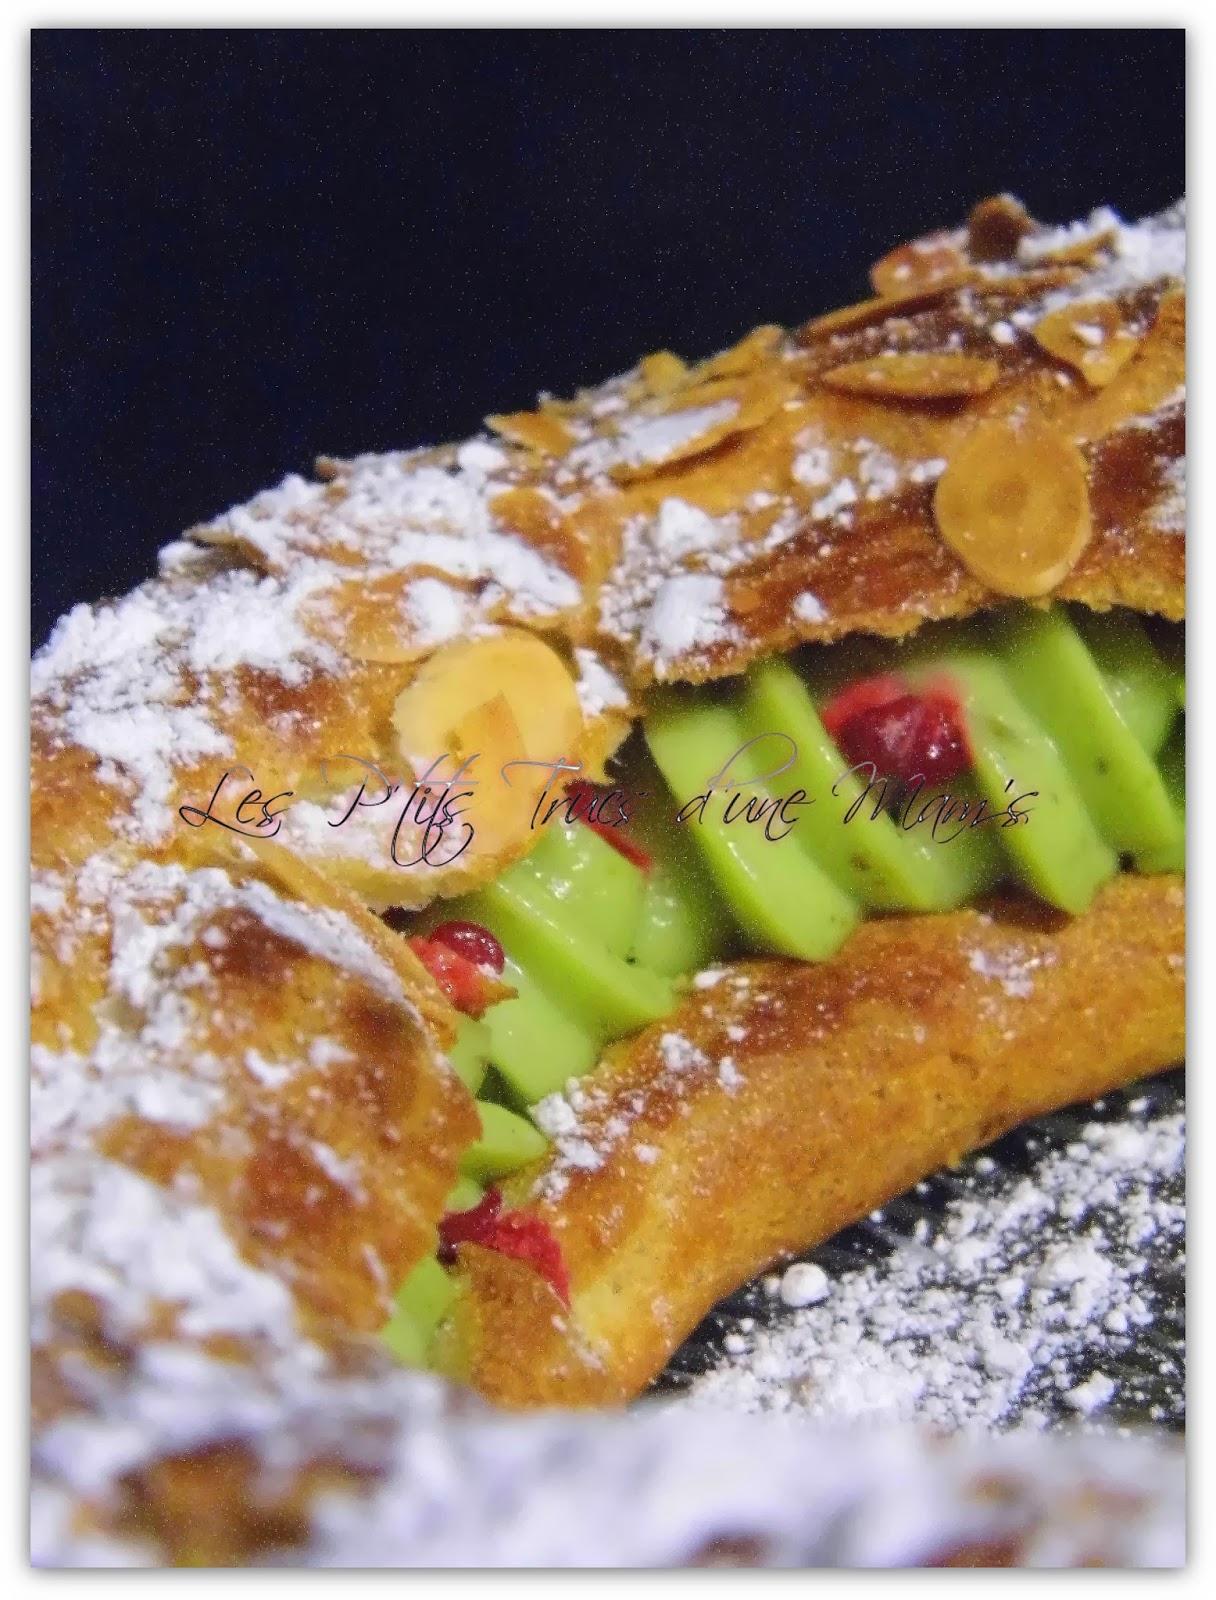 Paris brest pistache framboises blogs de cuisine - Pate a choux herve cuisine ...